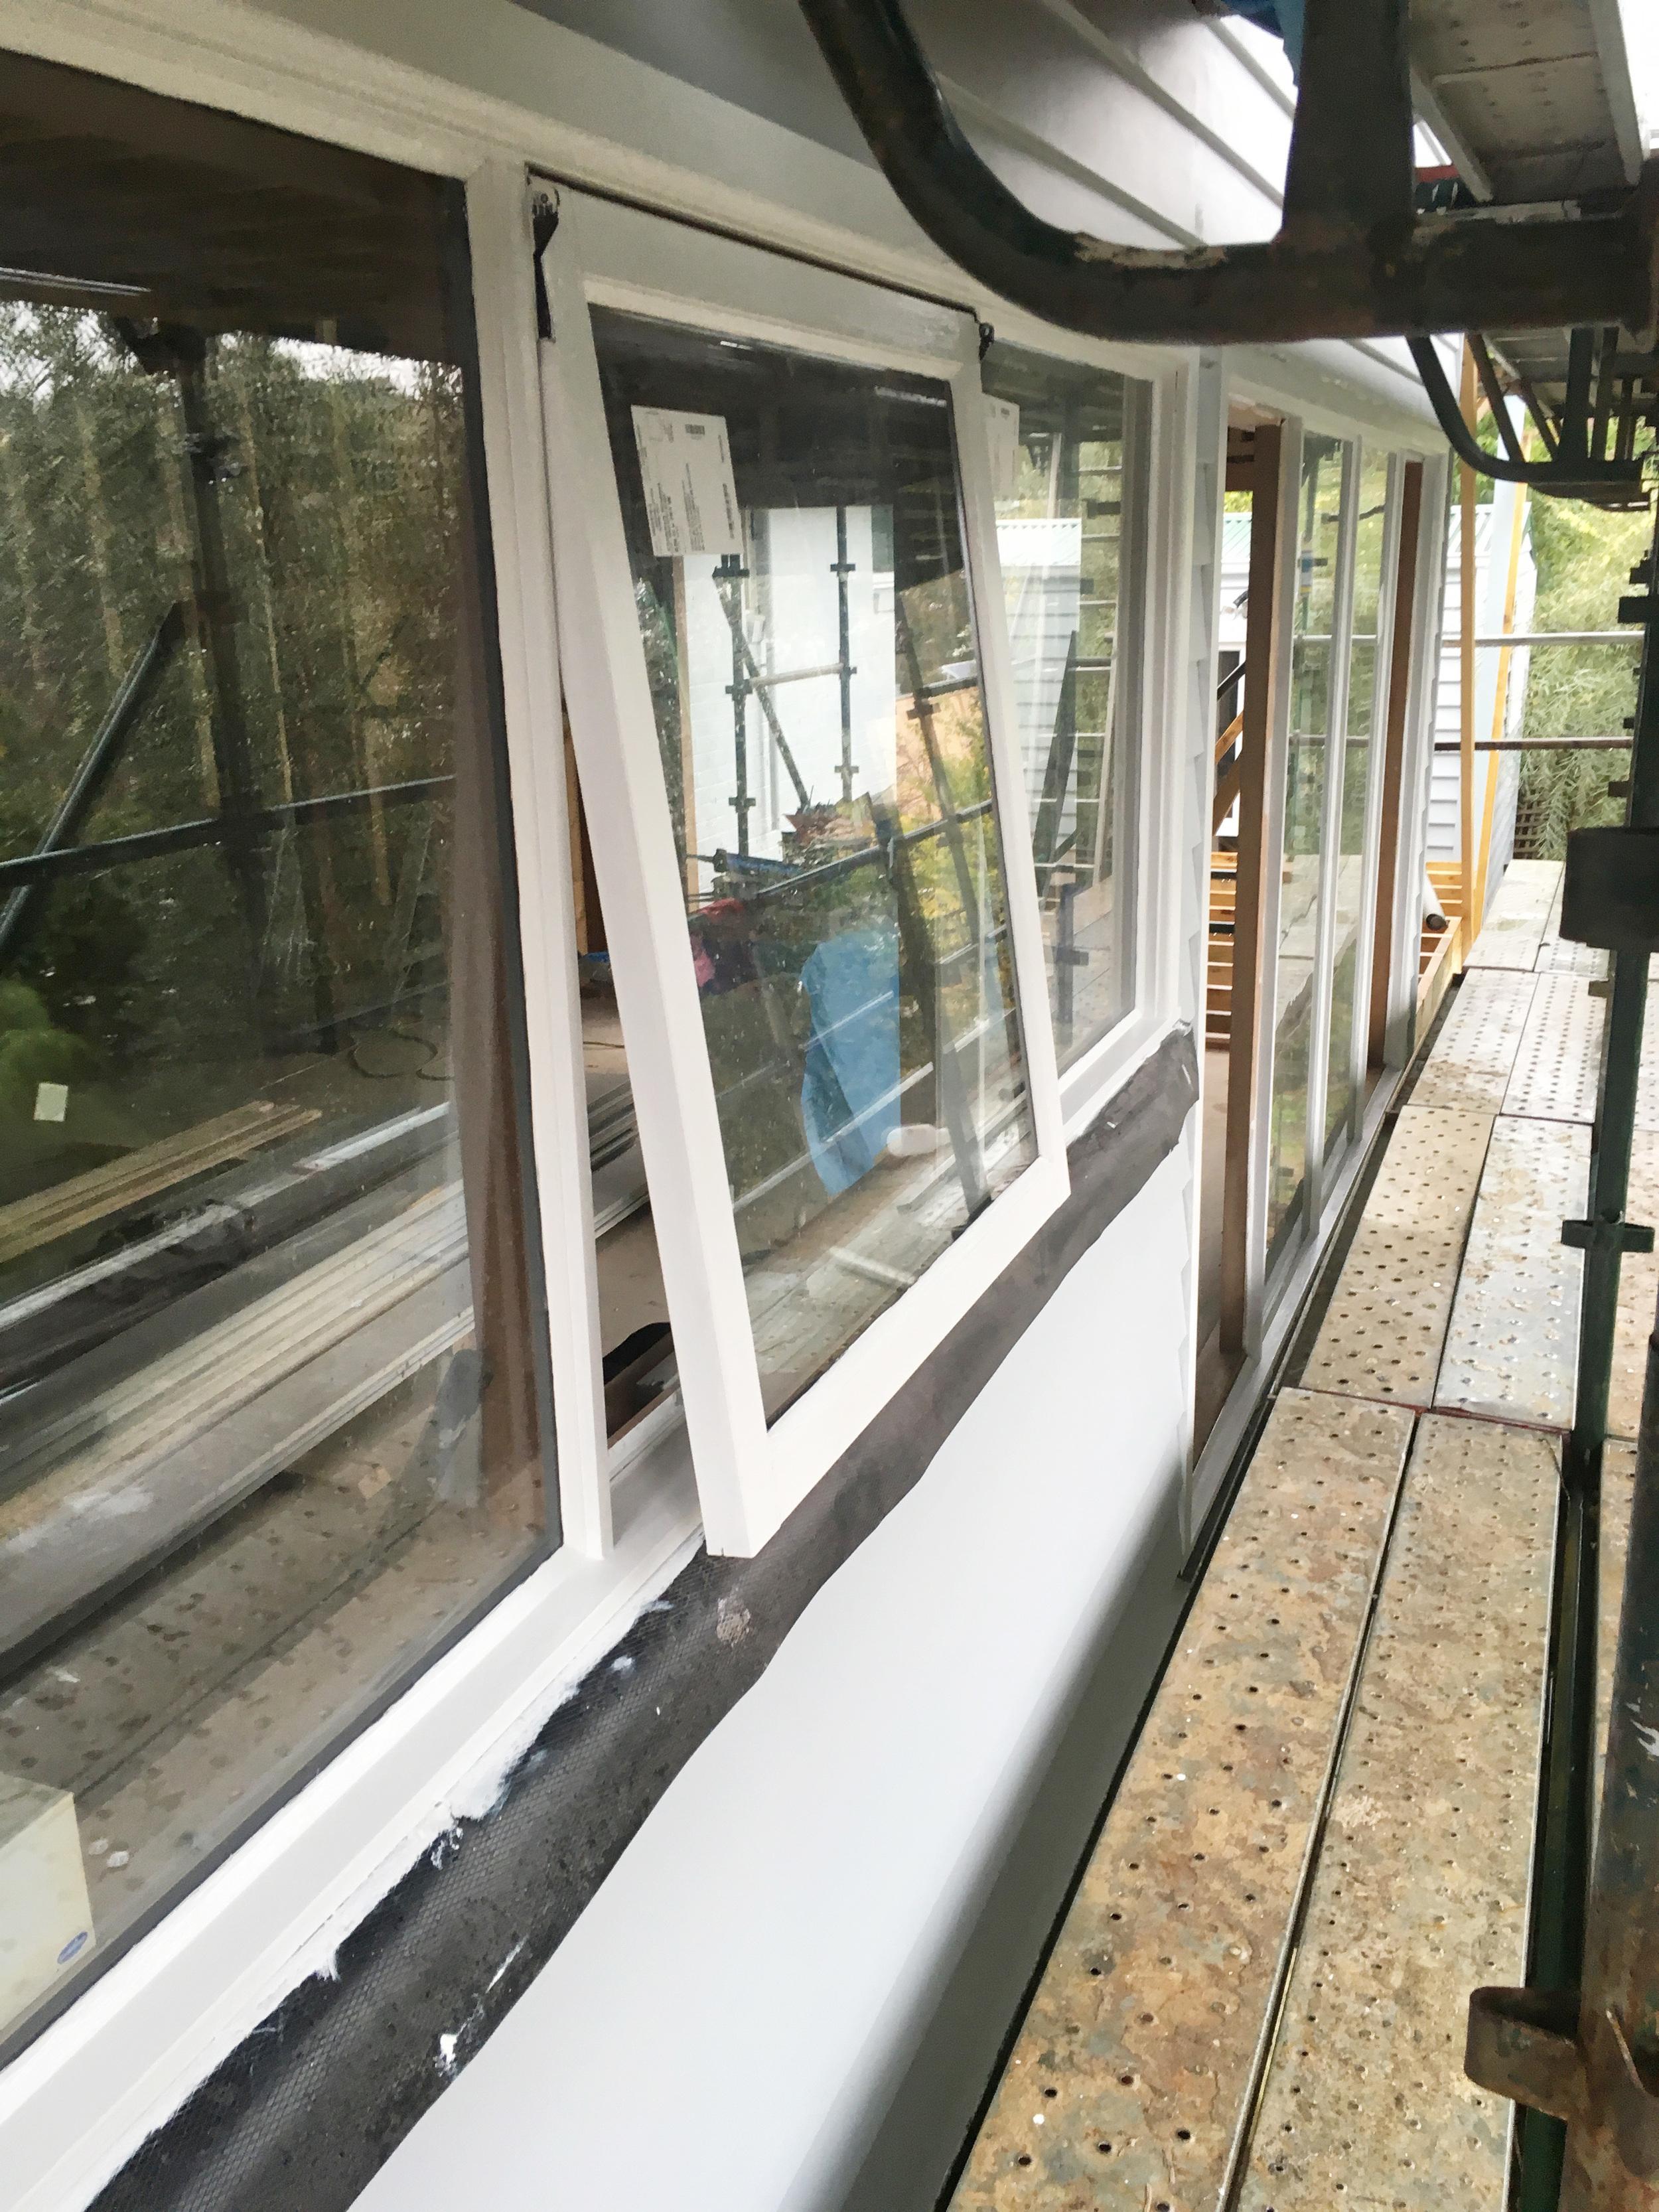 Open windows in between coats of paint to prevent painting the window shut